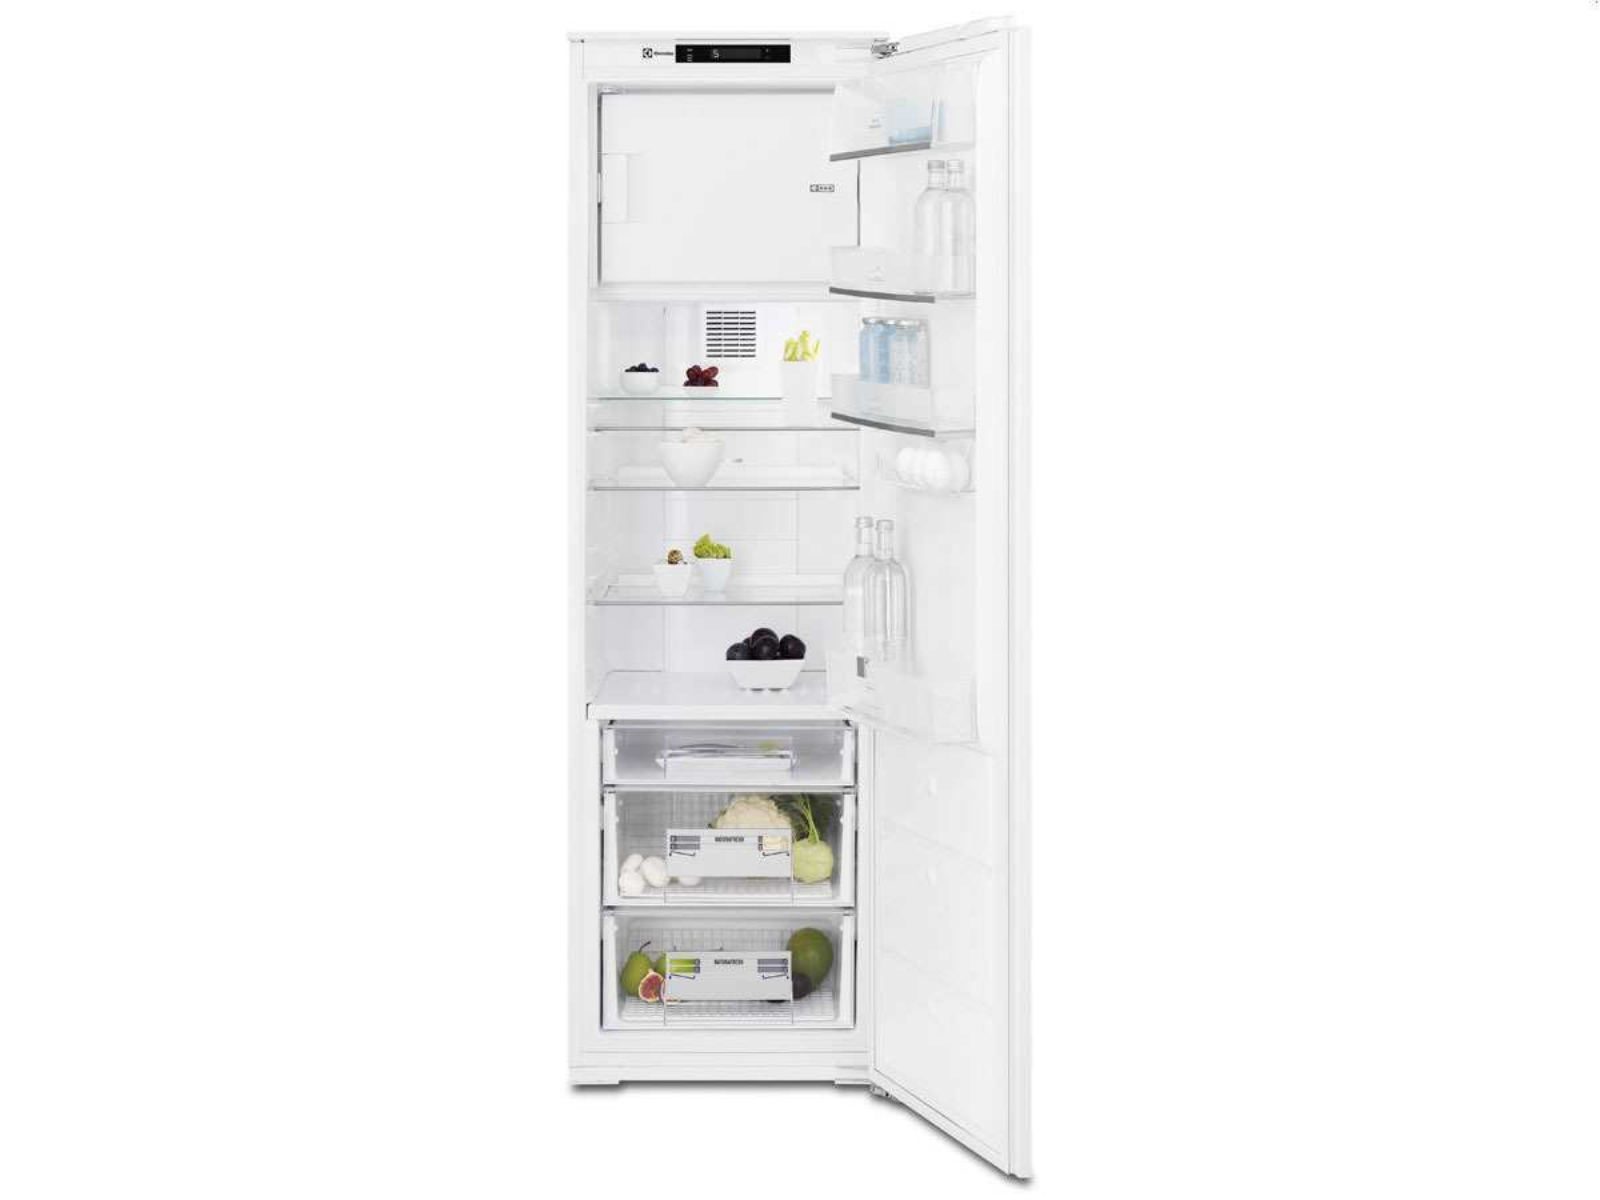 Aeg Kühlschrank Biofresh : Einbaukühlschrank cm einbau kühl gefrierkombination a